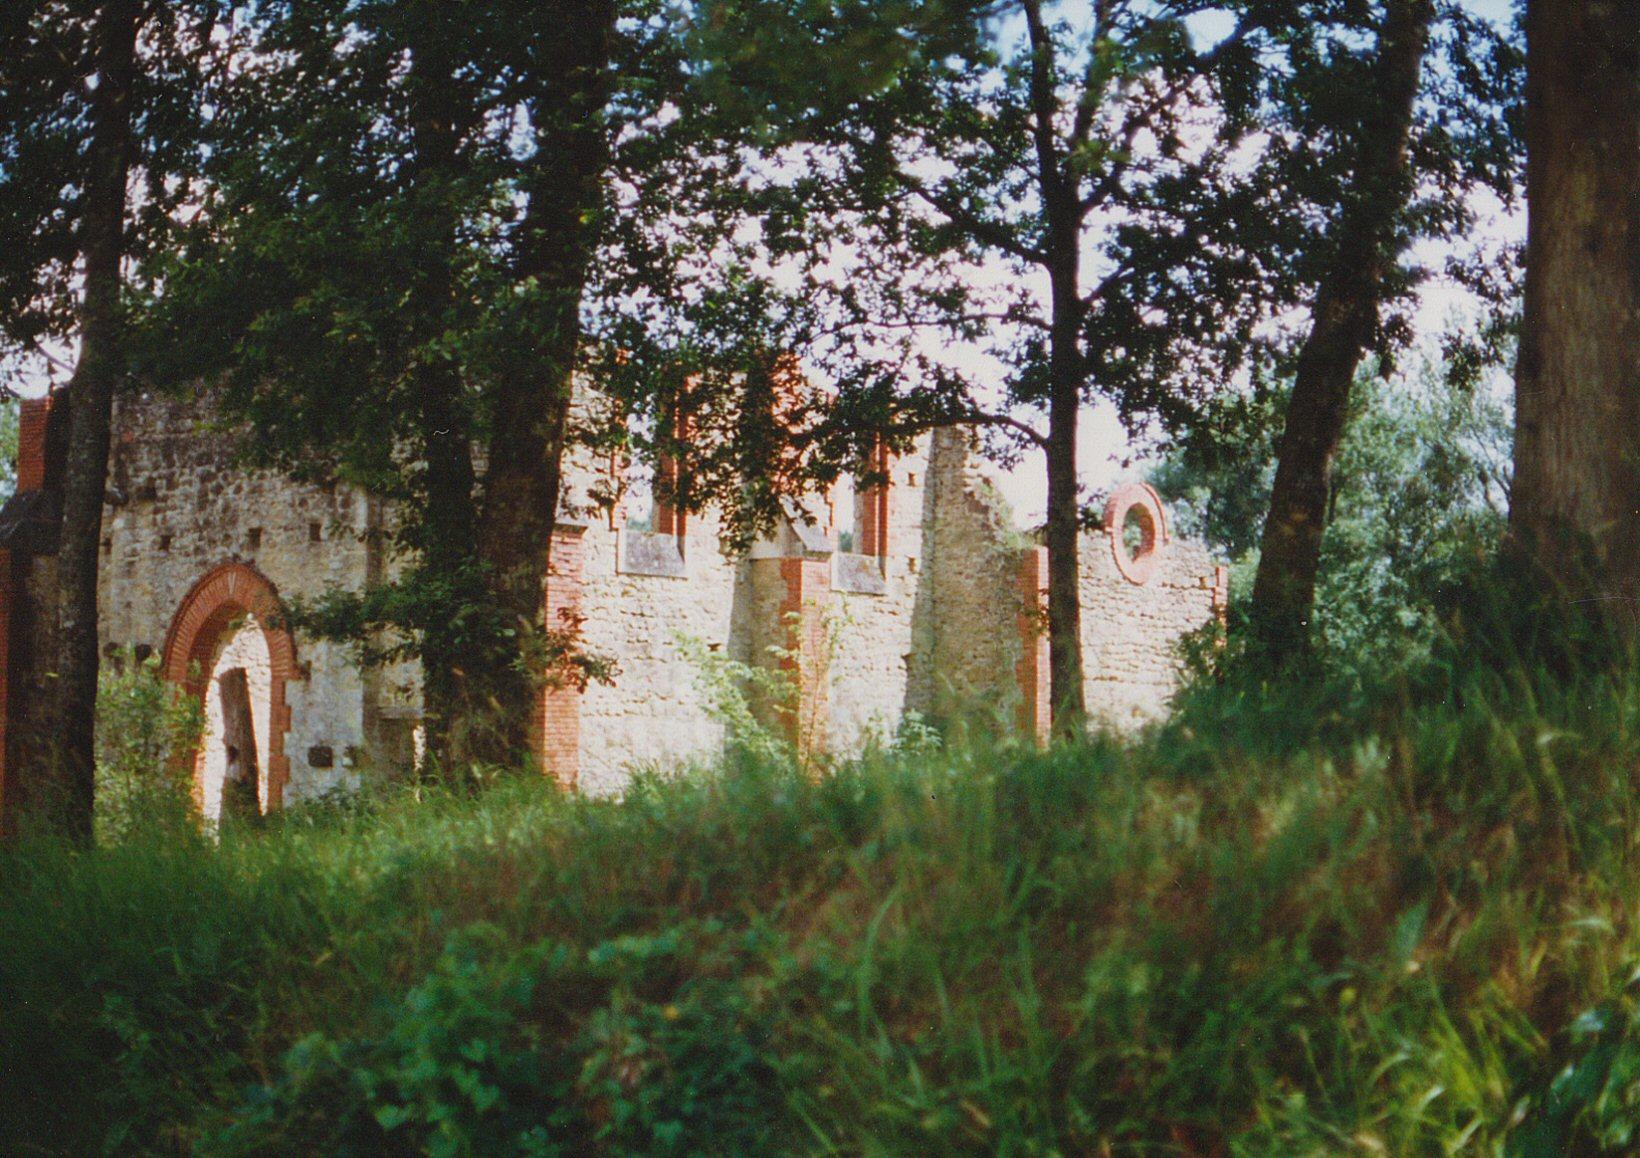 état des lieux vue extérieure 1 Bâtisse pour Séminaire (32) - Architecte Jean-Marc Ritondo